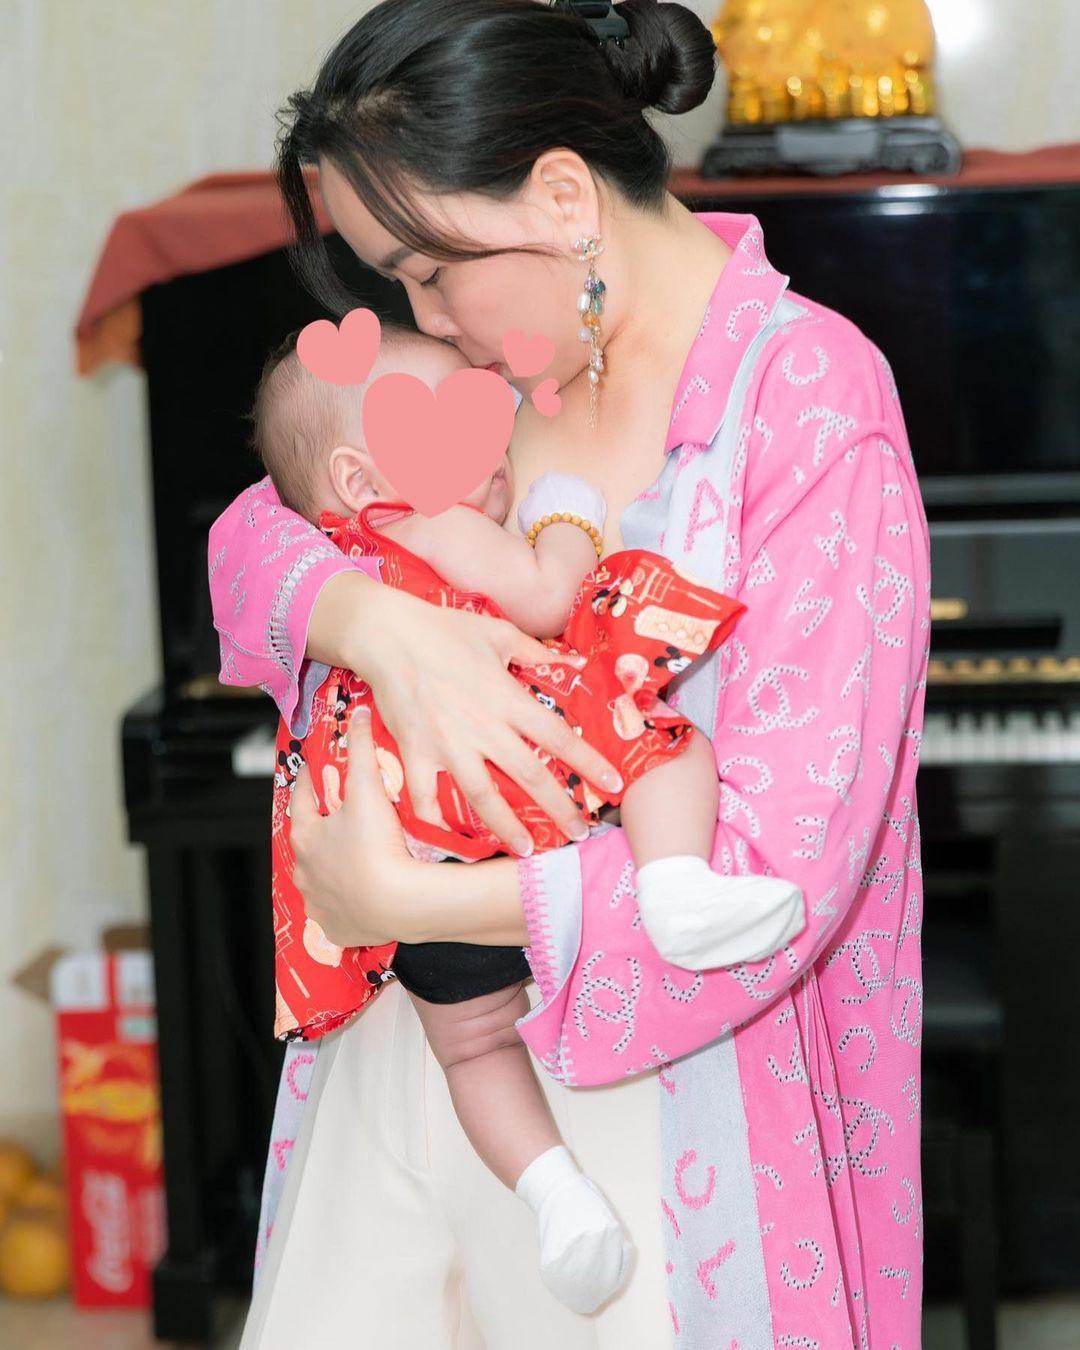 Phượng Chanel khoe hình con gái lúc mới được vài tháng tuổi? - Ảnh 1.